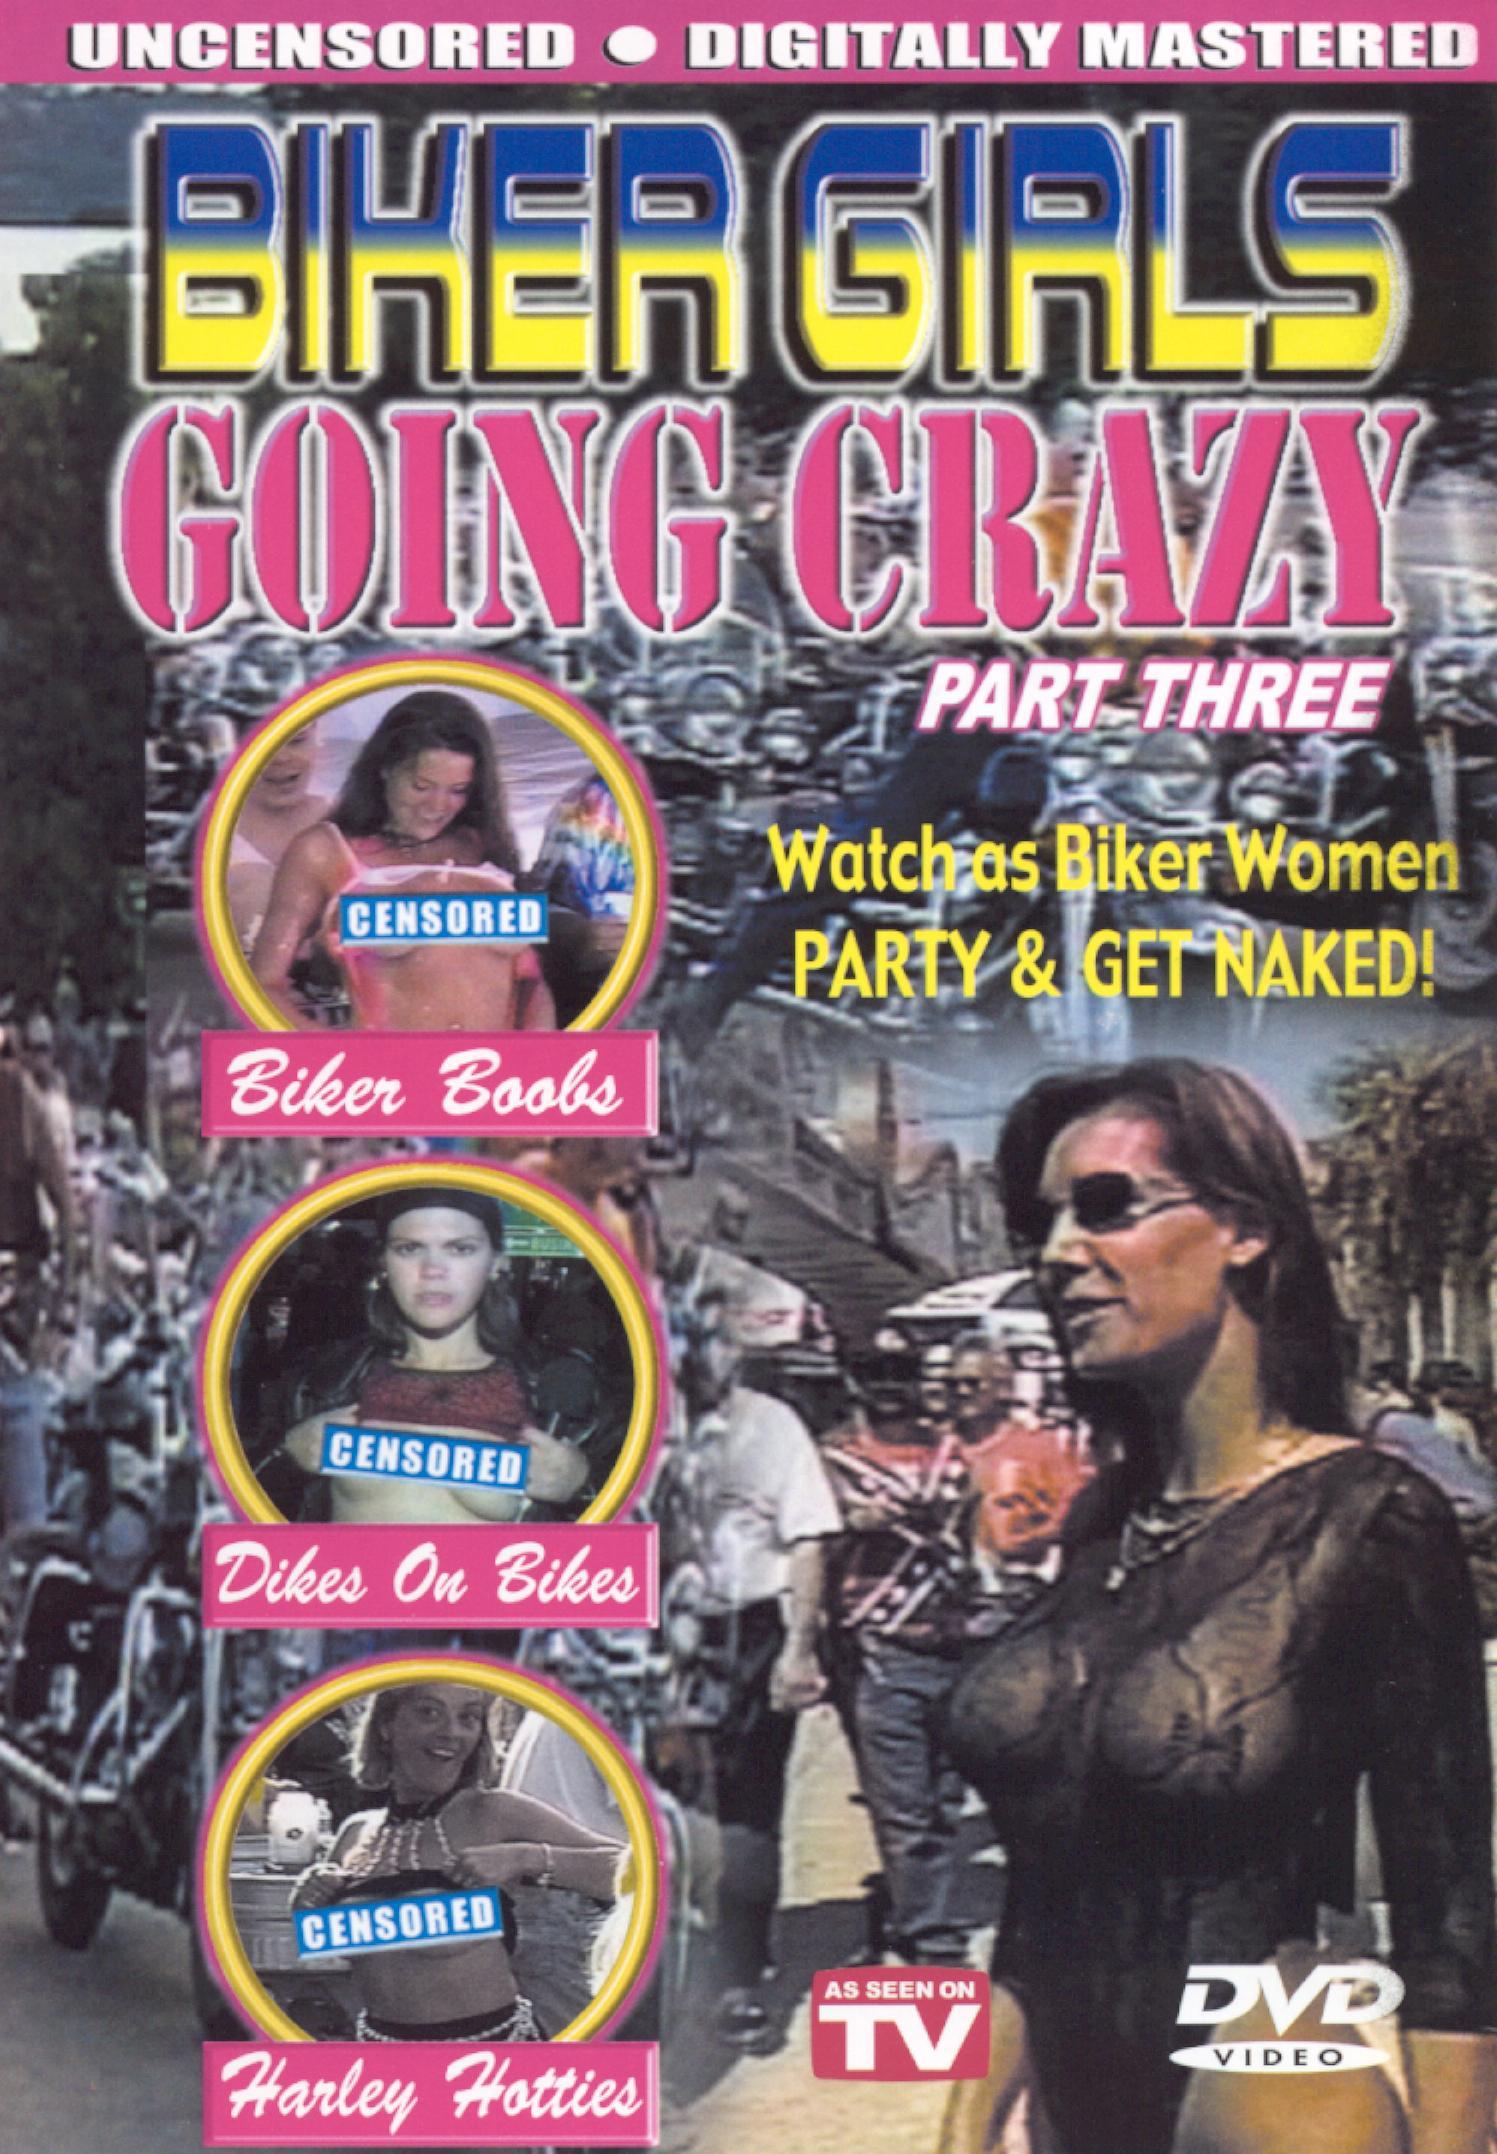 Biker Girls Going Crazy, Part 3